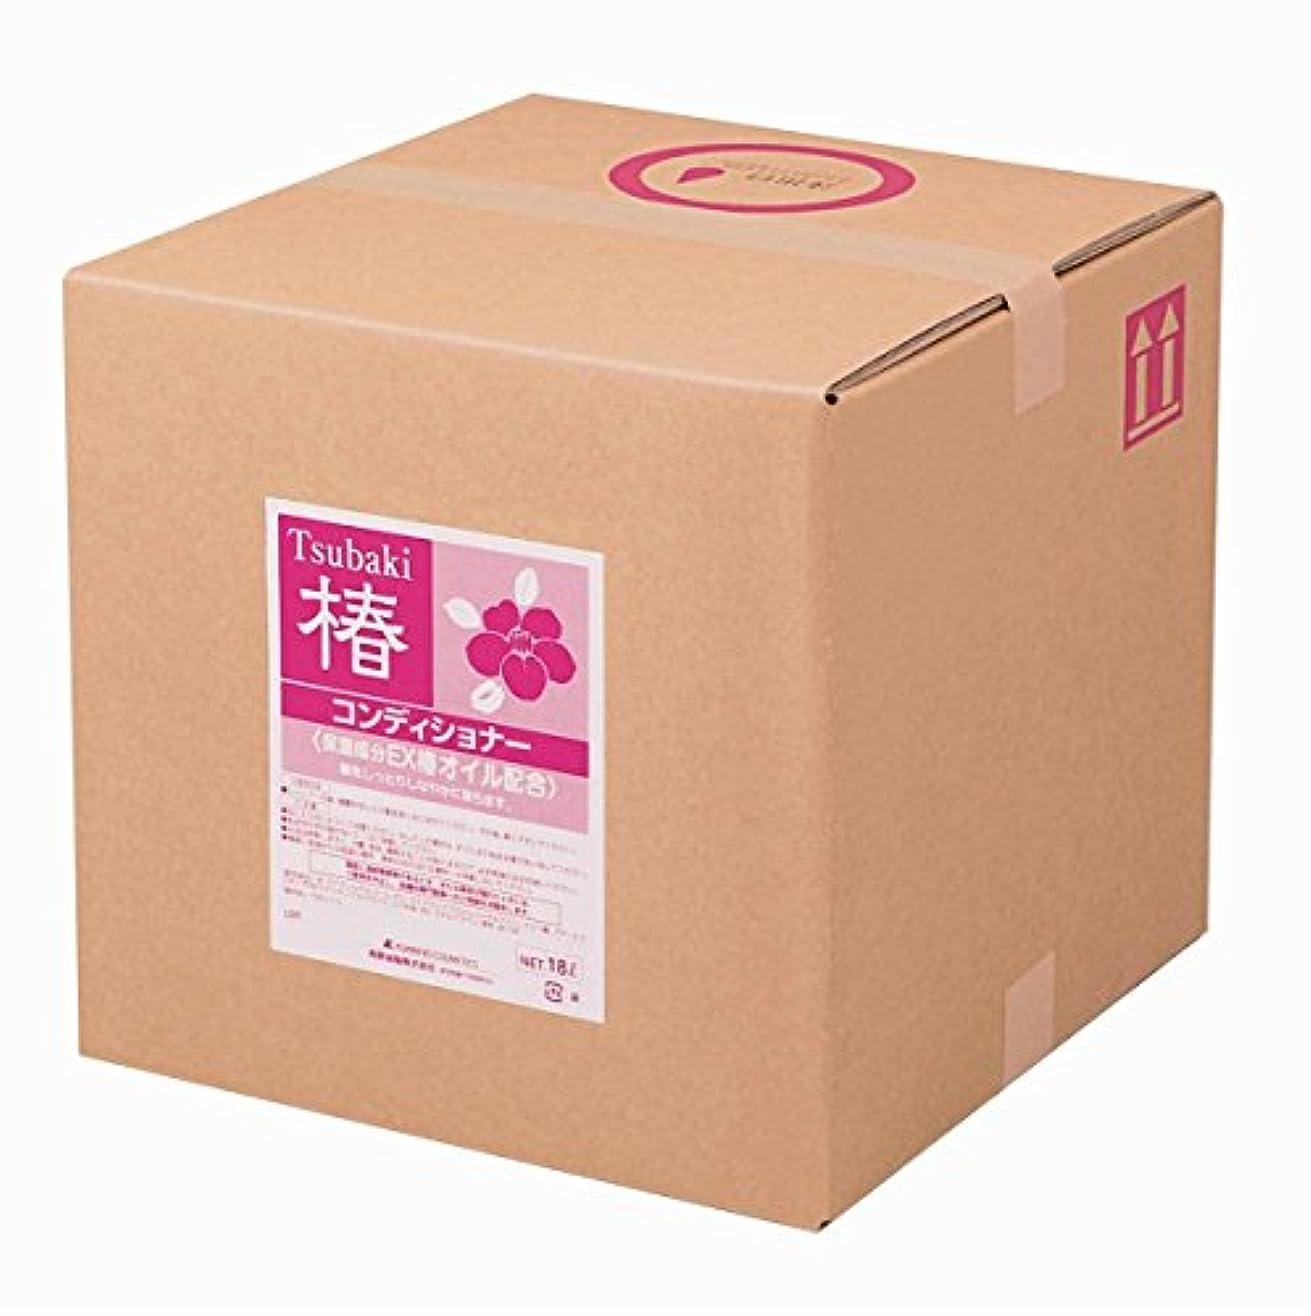 オーブンクリックサドル熊野油脂 業務用 椿 コンディショナー 18L